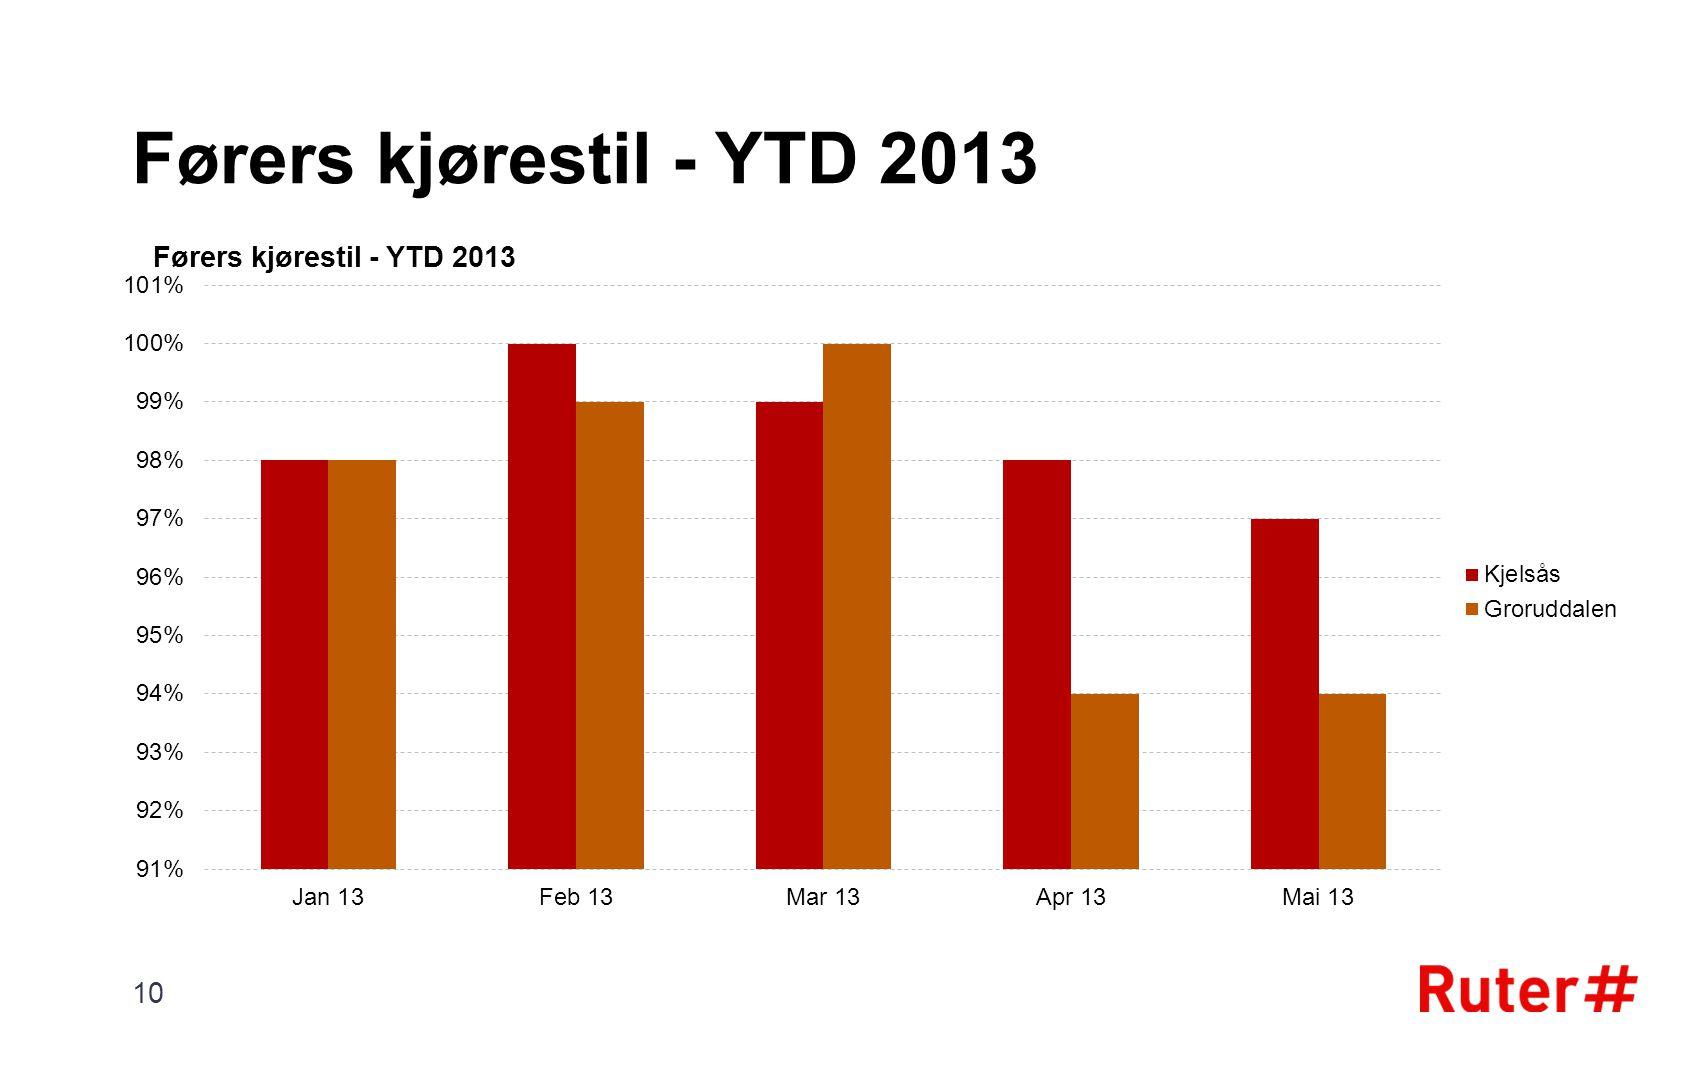 Førers kjørestil - YTD 2013 10